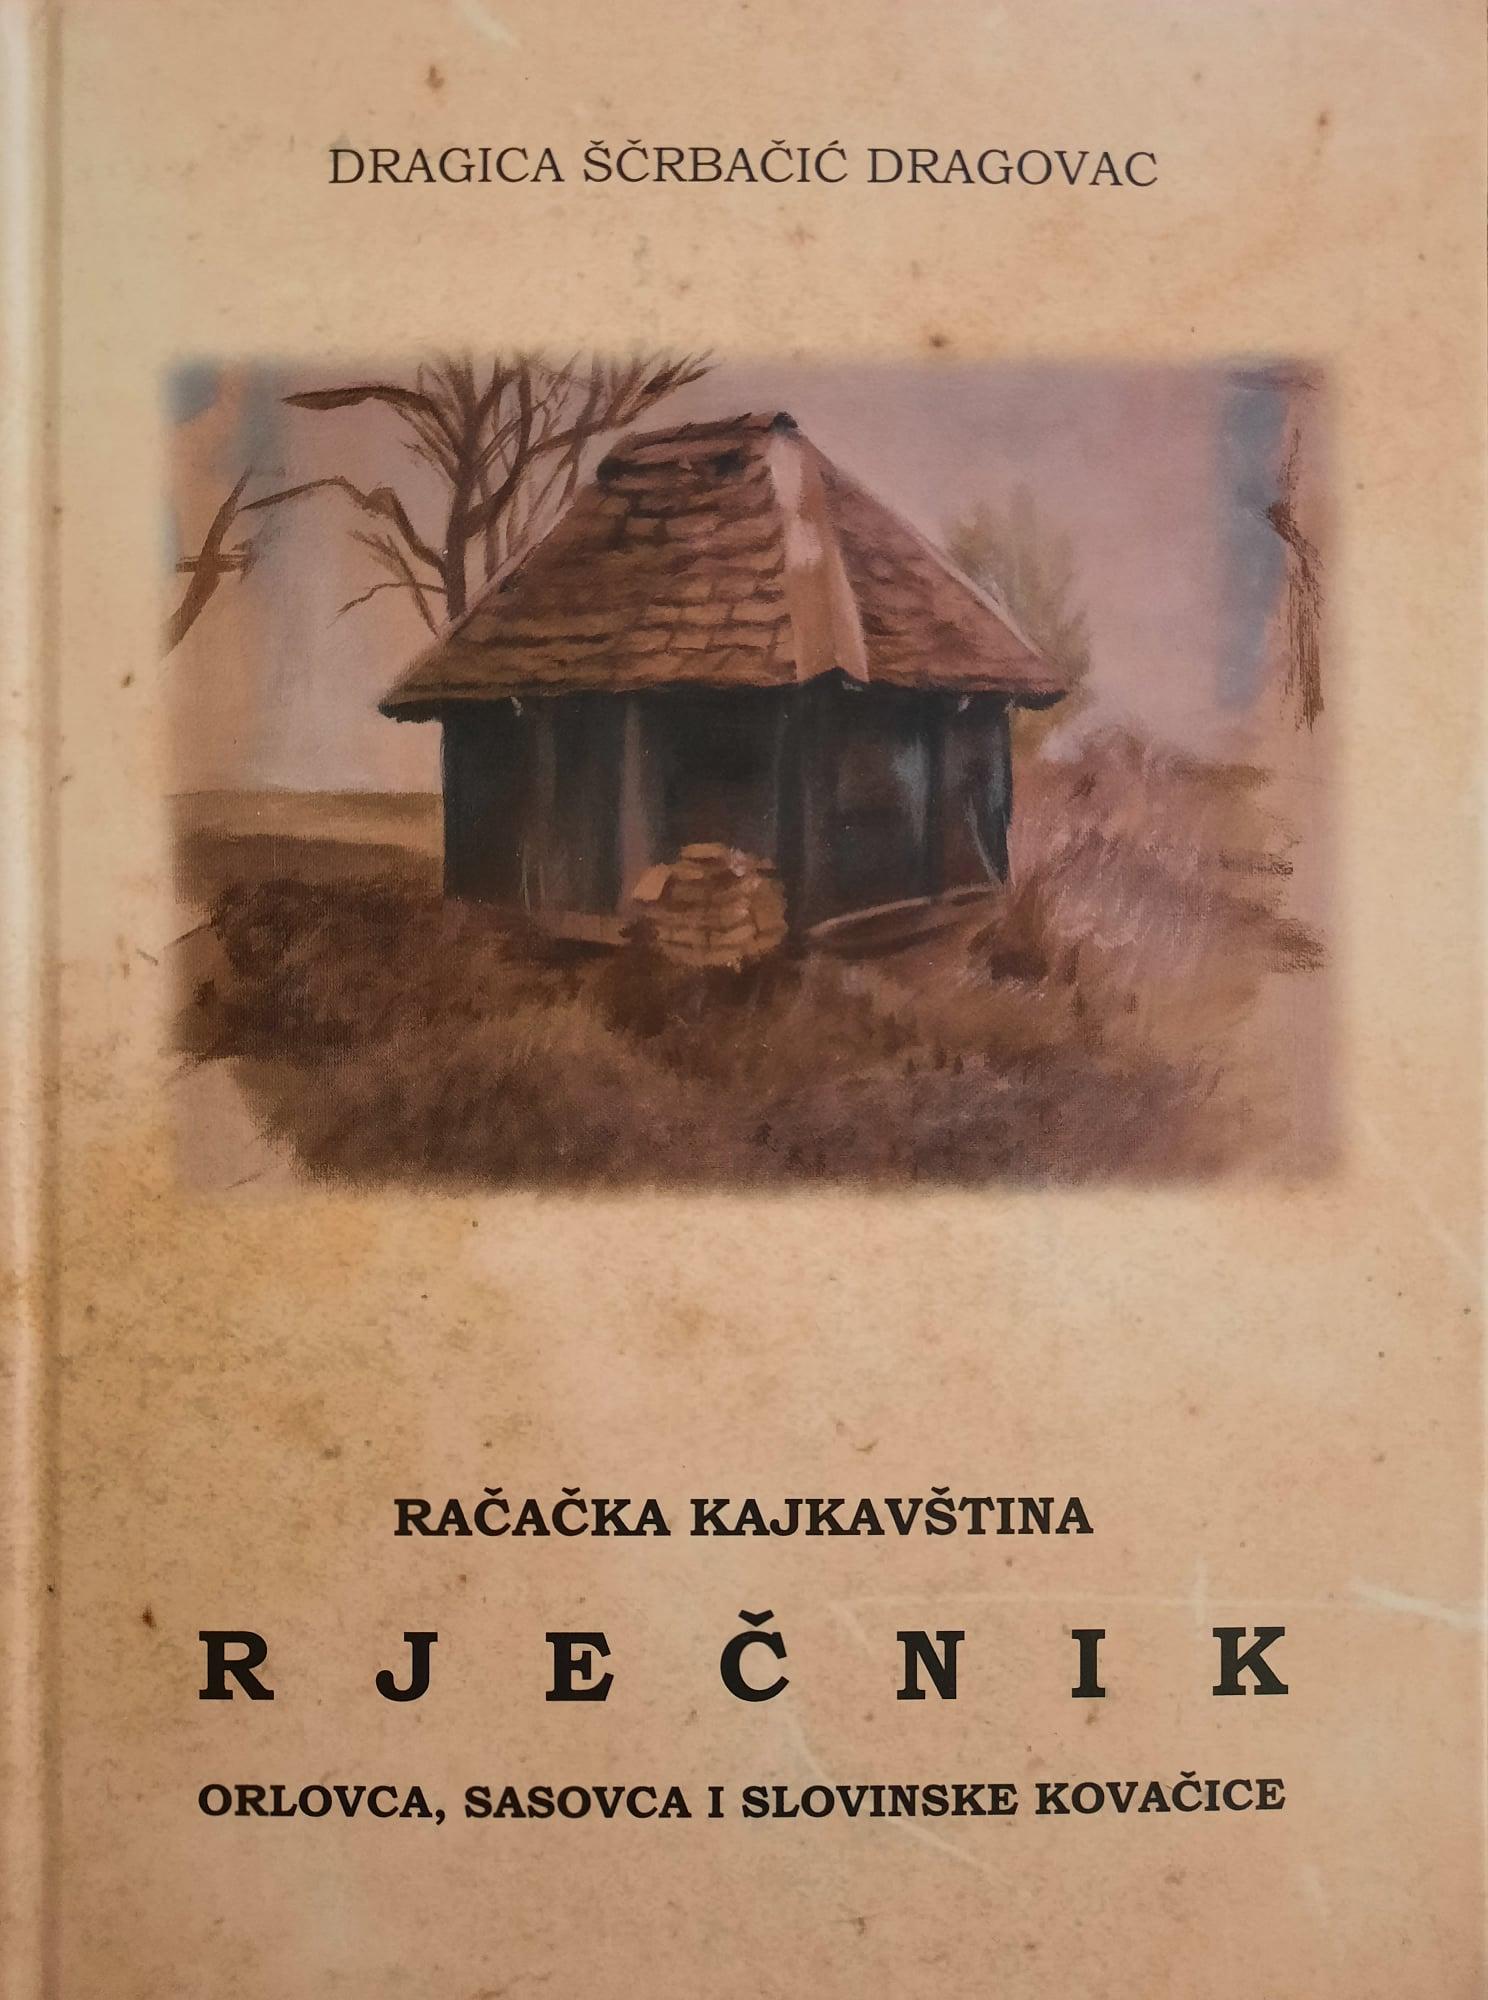 Iz ljubavi prema rodnom kraju rodio se rječnik koji otkriva svu ljepotu govora u tri račačka sela